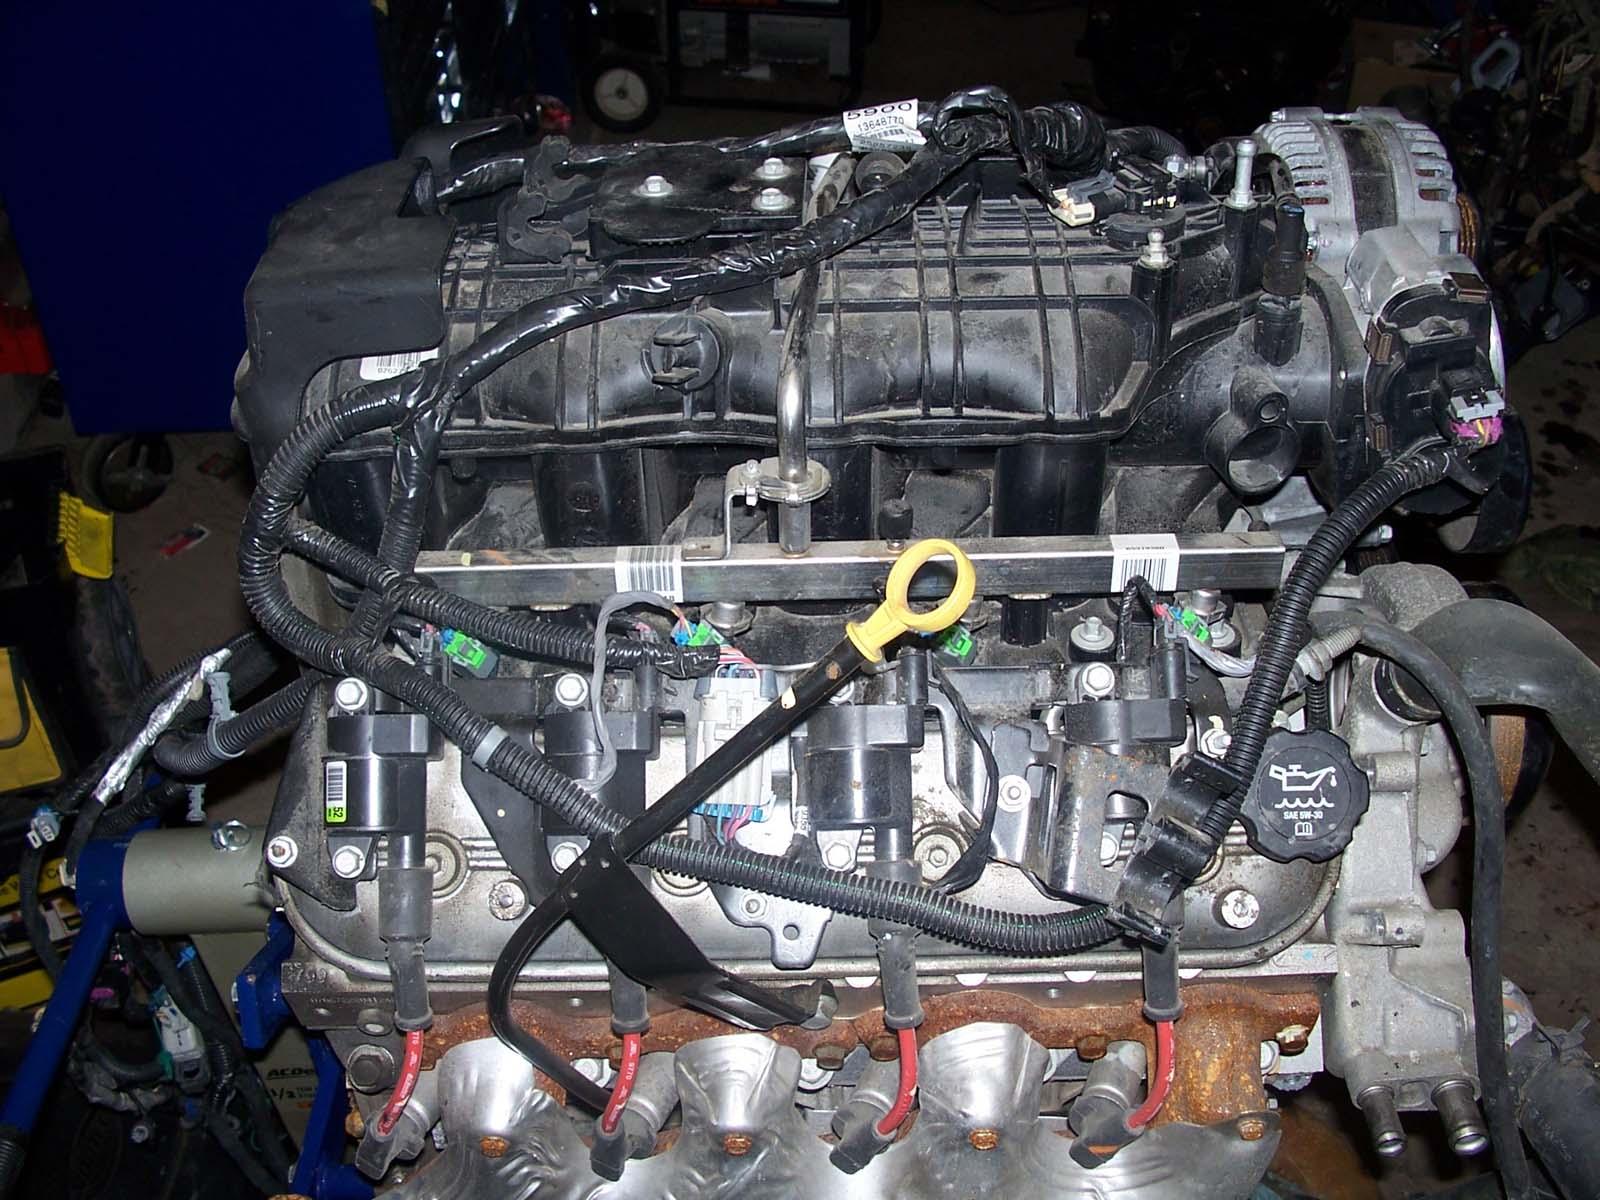 Rh Top on Chevy Roller 5 7 Vortec Engine Rebuild Kit